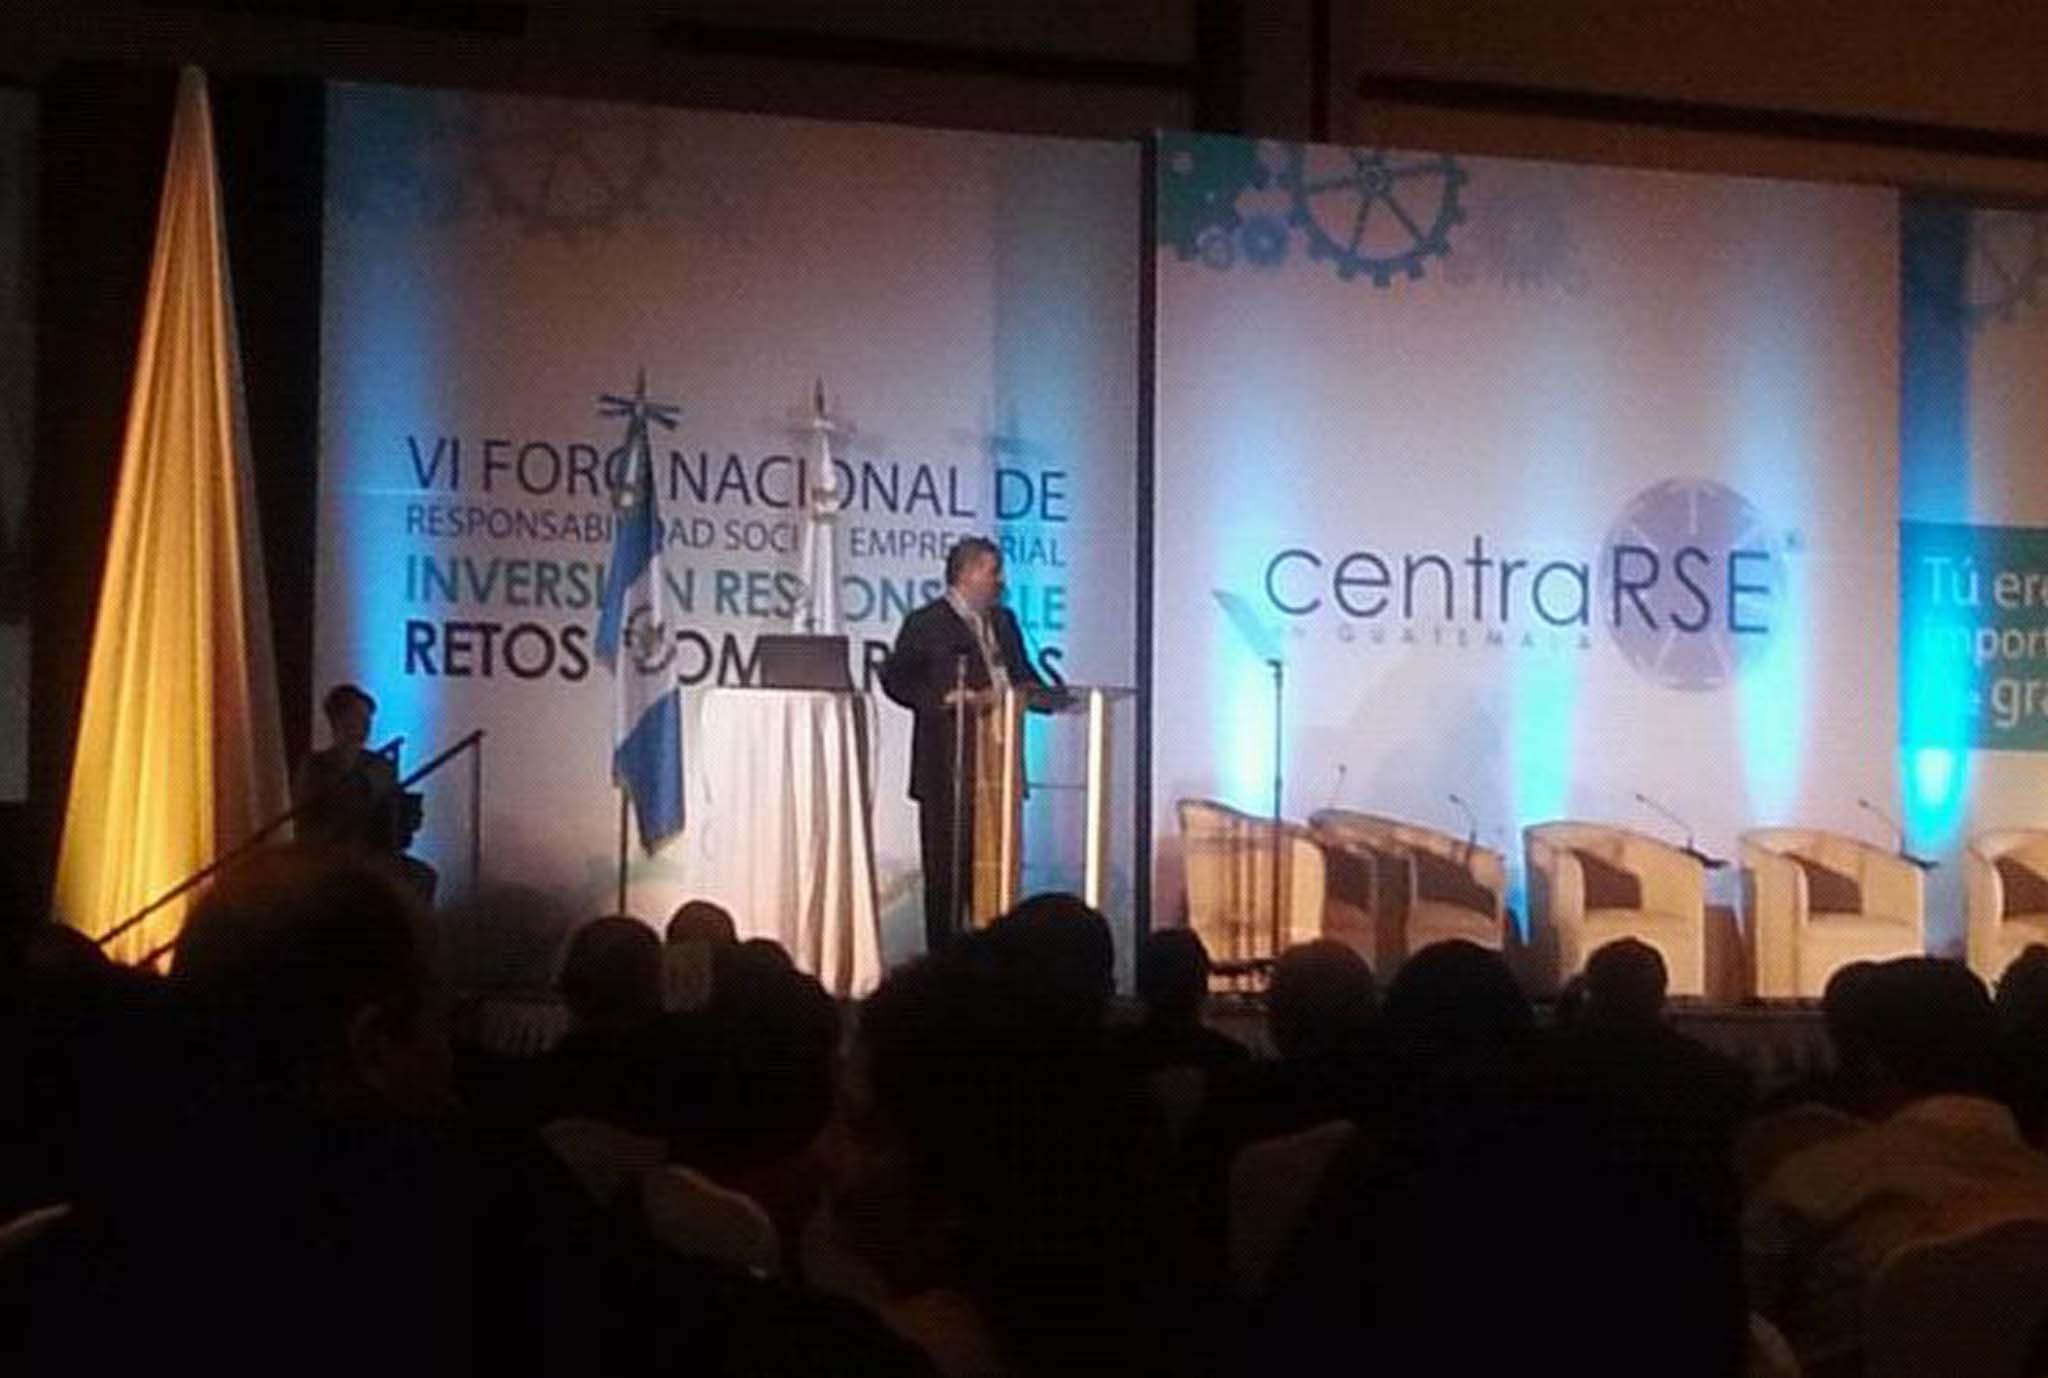 LÍDERES COMUNITARIOS DEL ÁREA DEL TRIFINIO SUROESTE DE GUATEMALA SON INVITADOS POR AGROAMÉRICA AL FORO NACIONAL 2010